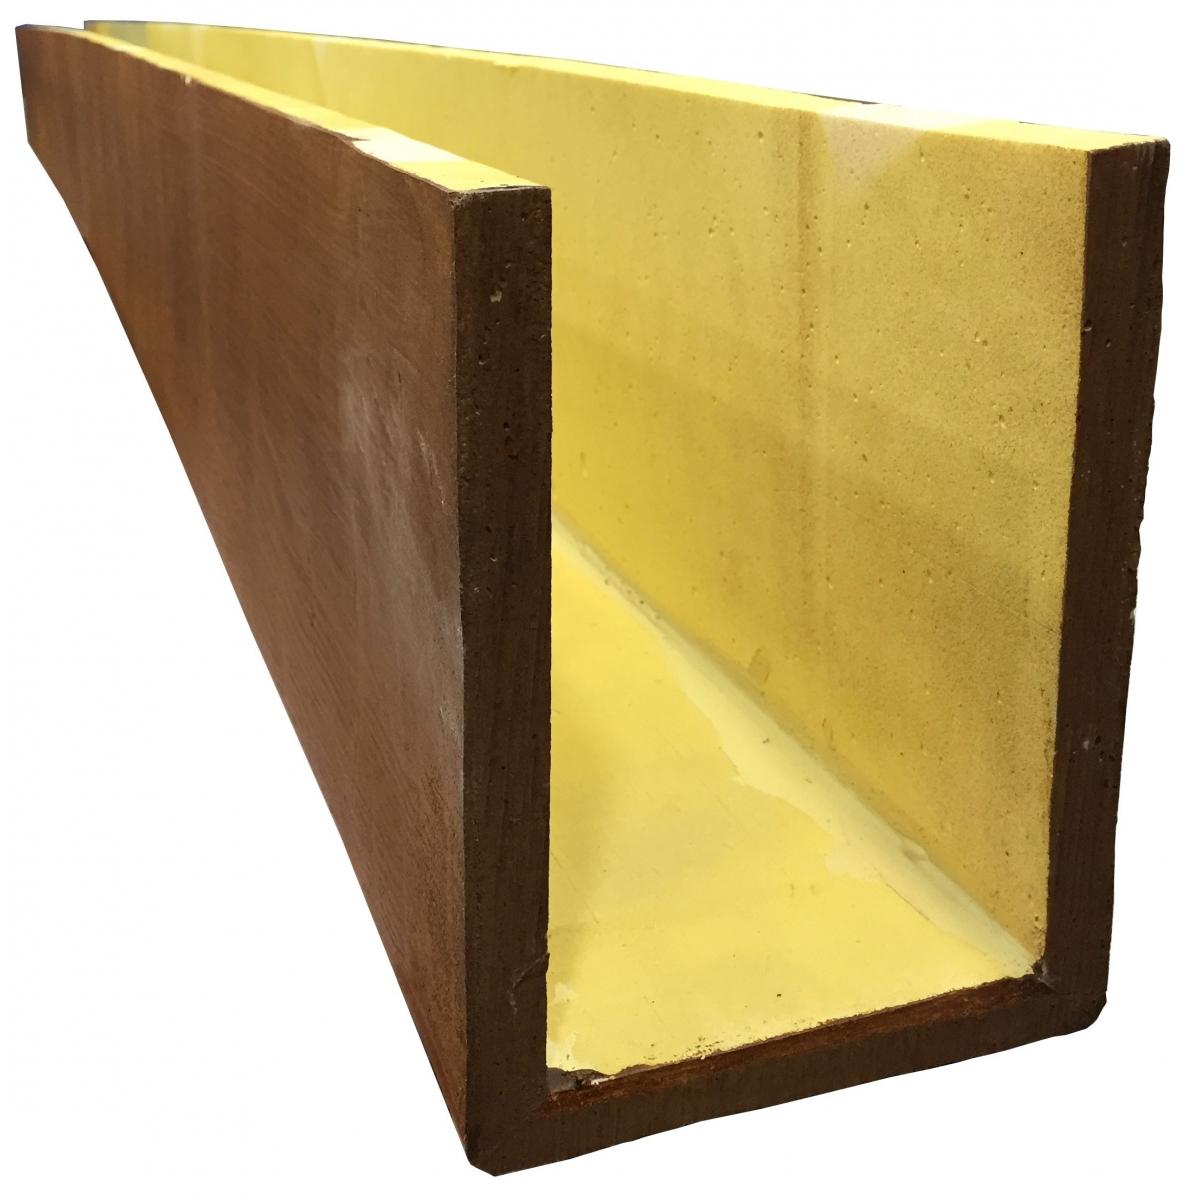 Viga imitación a madera 300x29x30